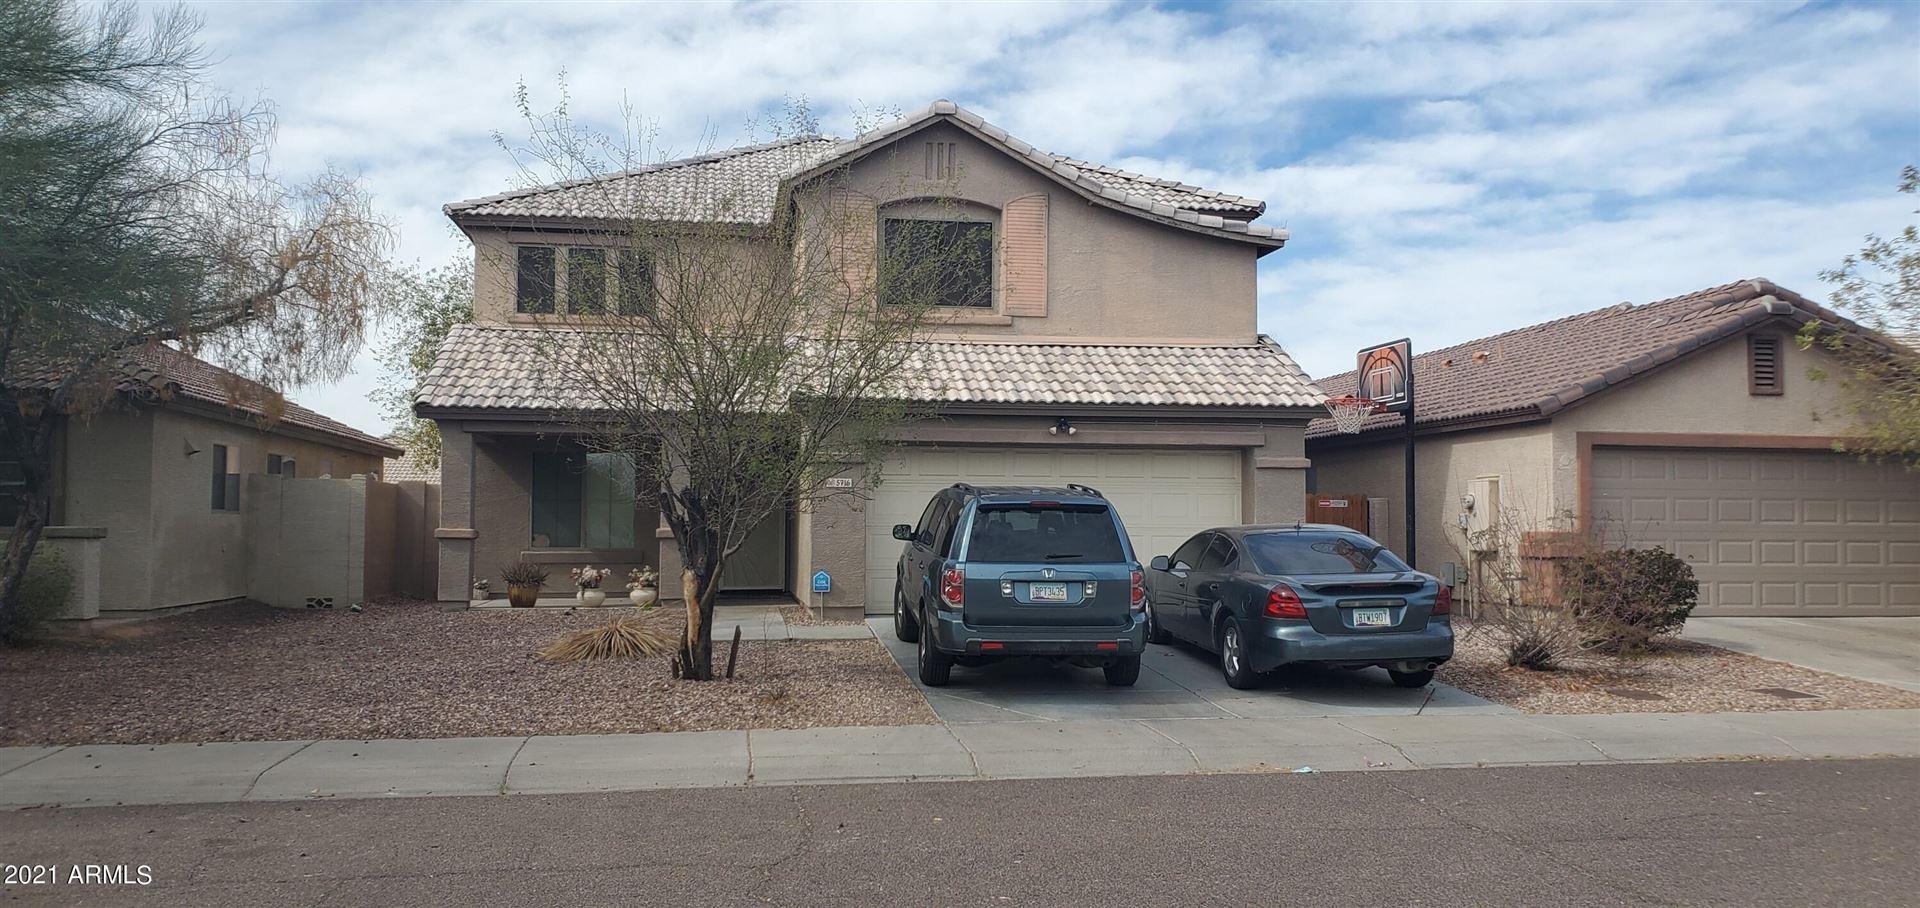 5716 S 16TH Lane, Phoenix, AZ 85041 - MLS#: 6250424